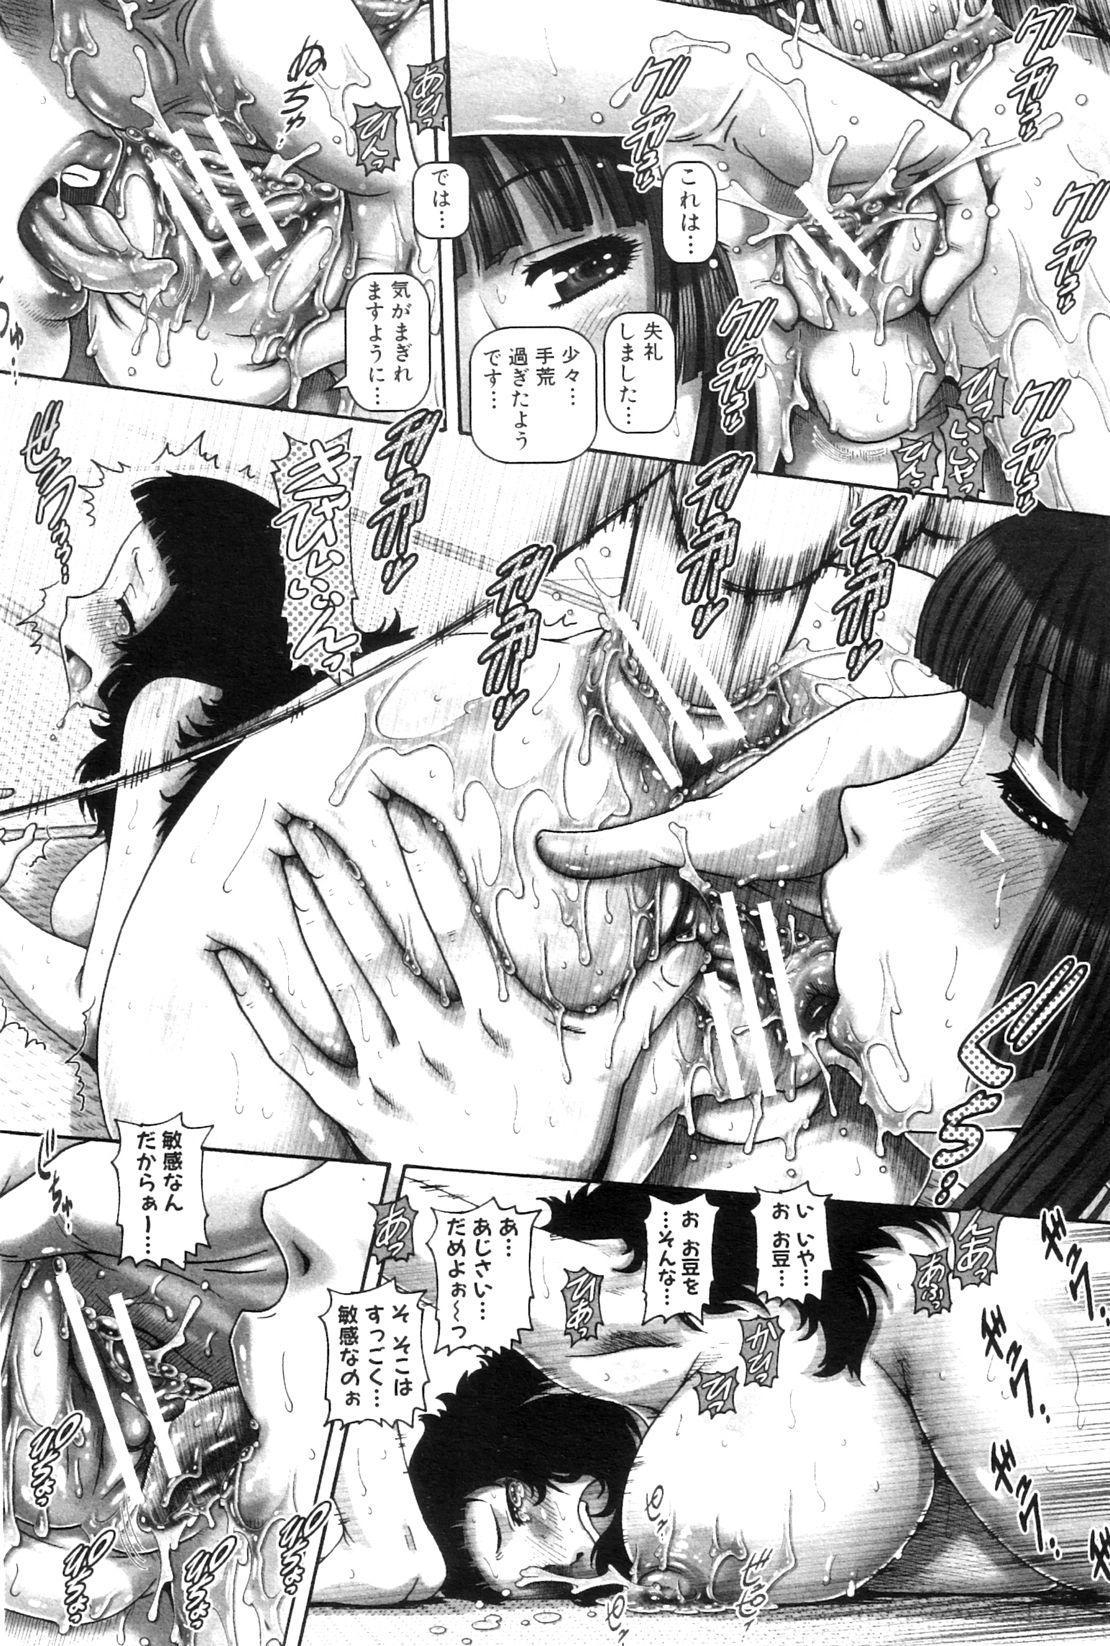 Ayakashiyakata no Tamahime 74